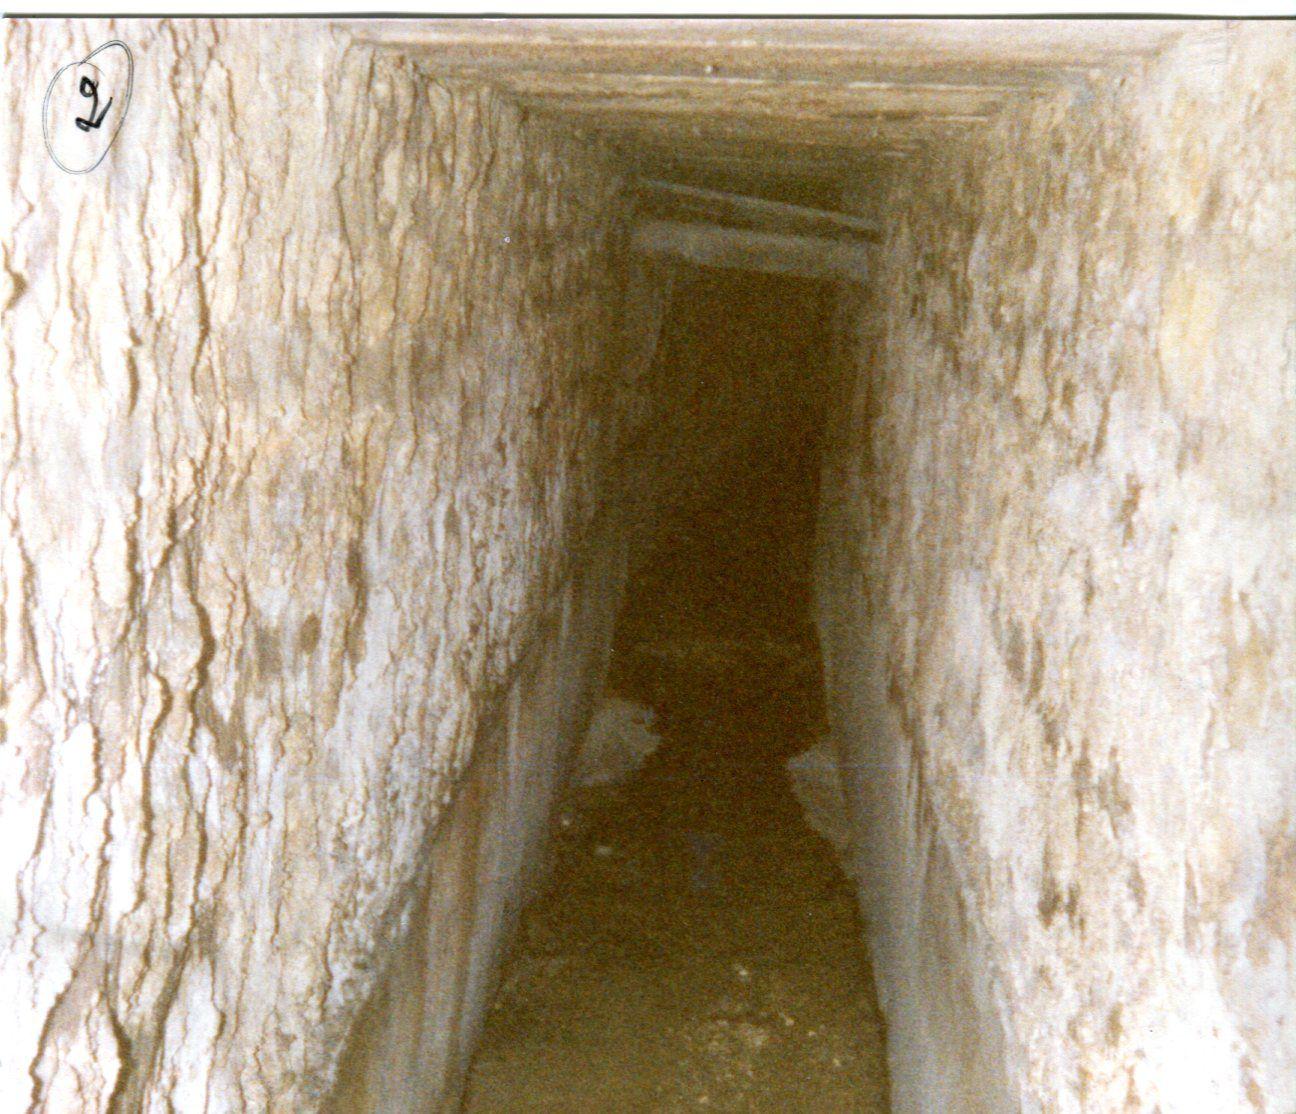 """J'avais eu l'occasion de descendre dans cet égout, autant passage souterrain, car on y passe debout, du fait que des plaques de pierre étaient brisées en deux et que les services compétents en avaient alors assuré le remplacement. Mais étant seul je n'ai pas osé aller jusqu'au fleuve, ni non plus longer l'ancienne cité romaine découverte où allait être construite la """" Résidence port Larousselle """". La mémoire collective avait toujours parlé de """" l'égout romain """"."""